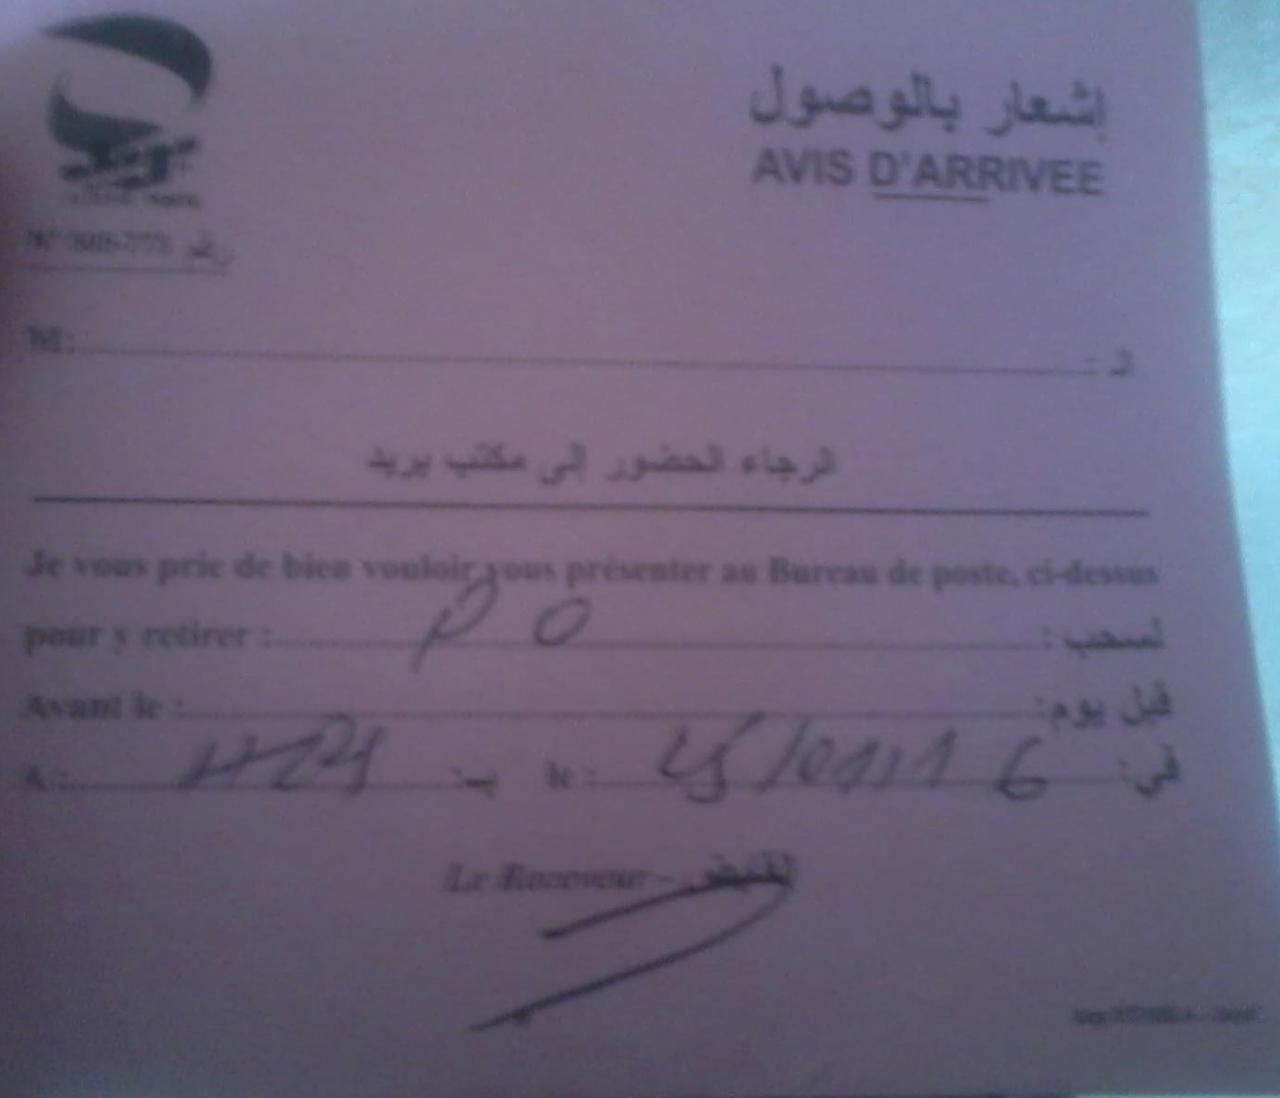 صورة اشعار بالوصول بريد الجزائر , نماذج ايصالات بريد الجزائر